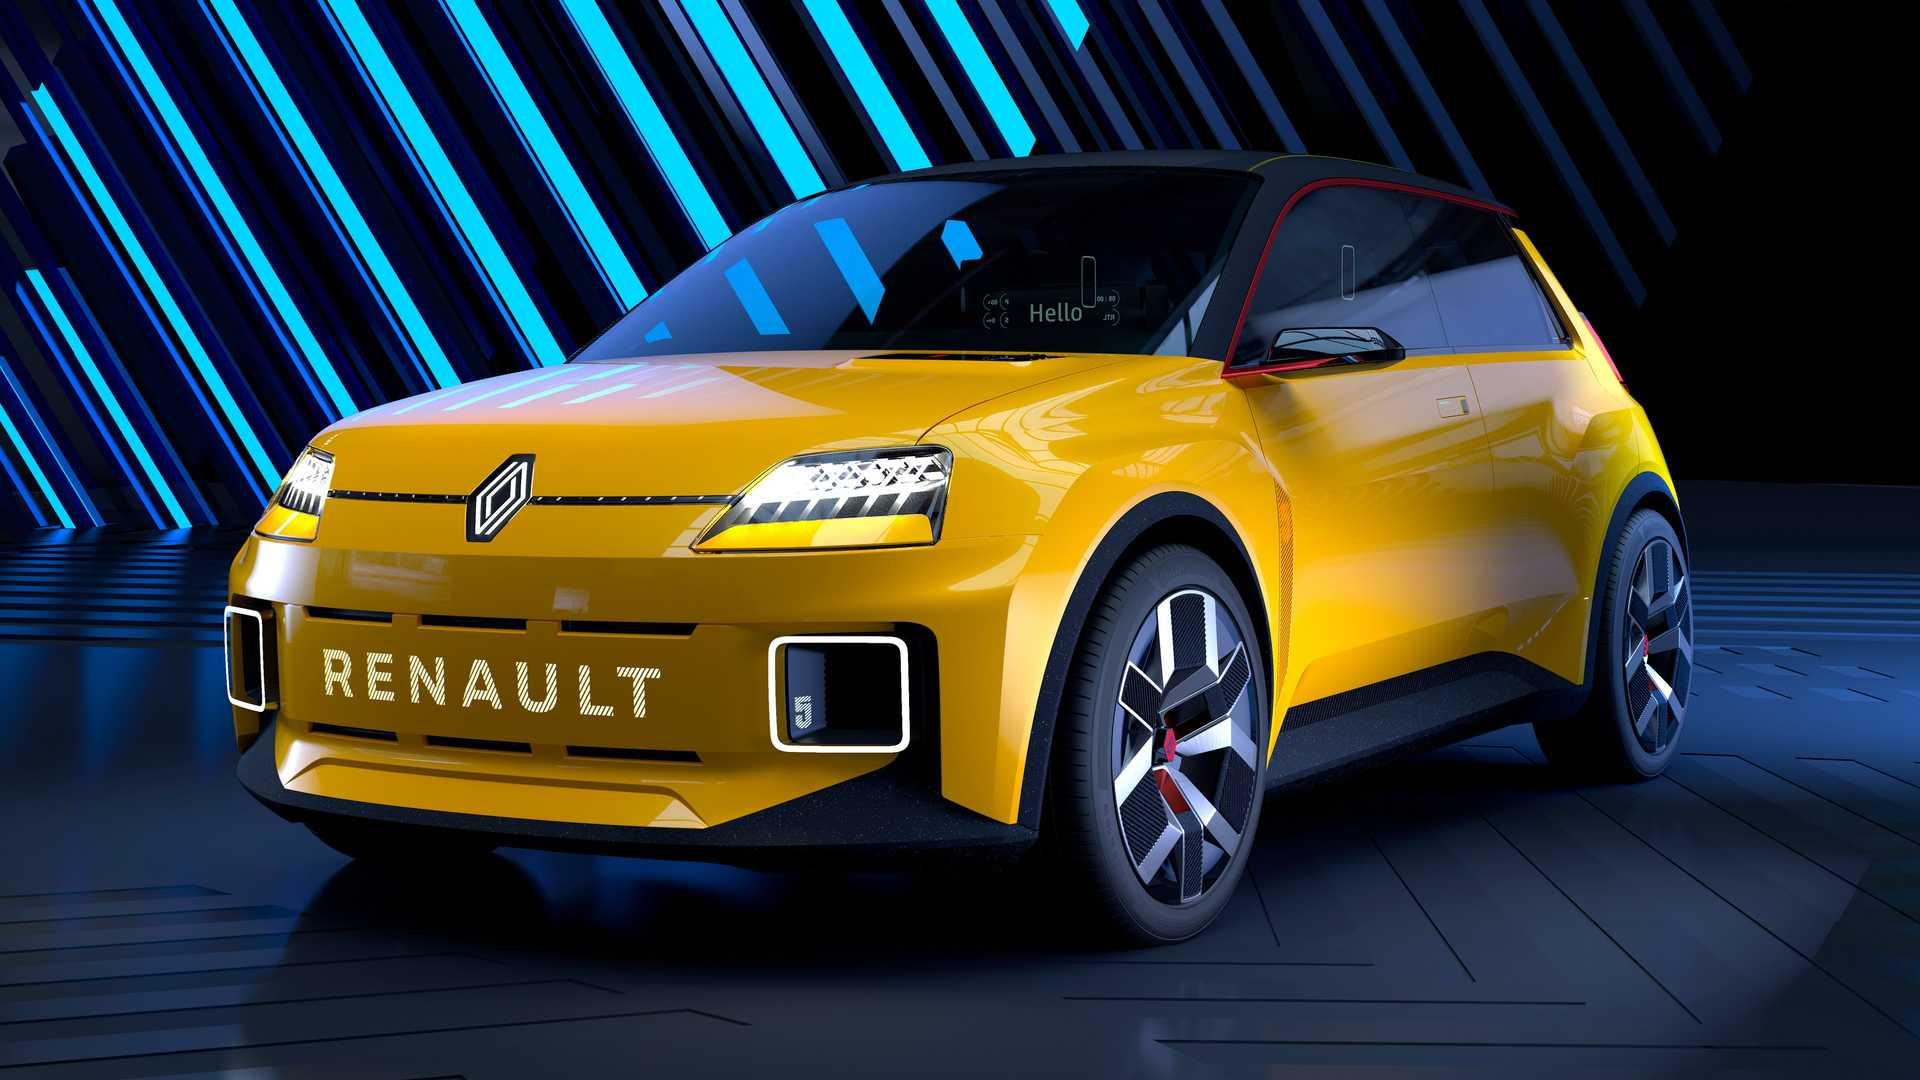 Renault 5 trafi na rynek w elektrycznej wersji